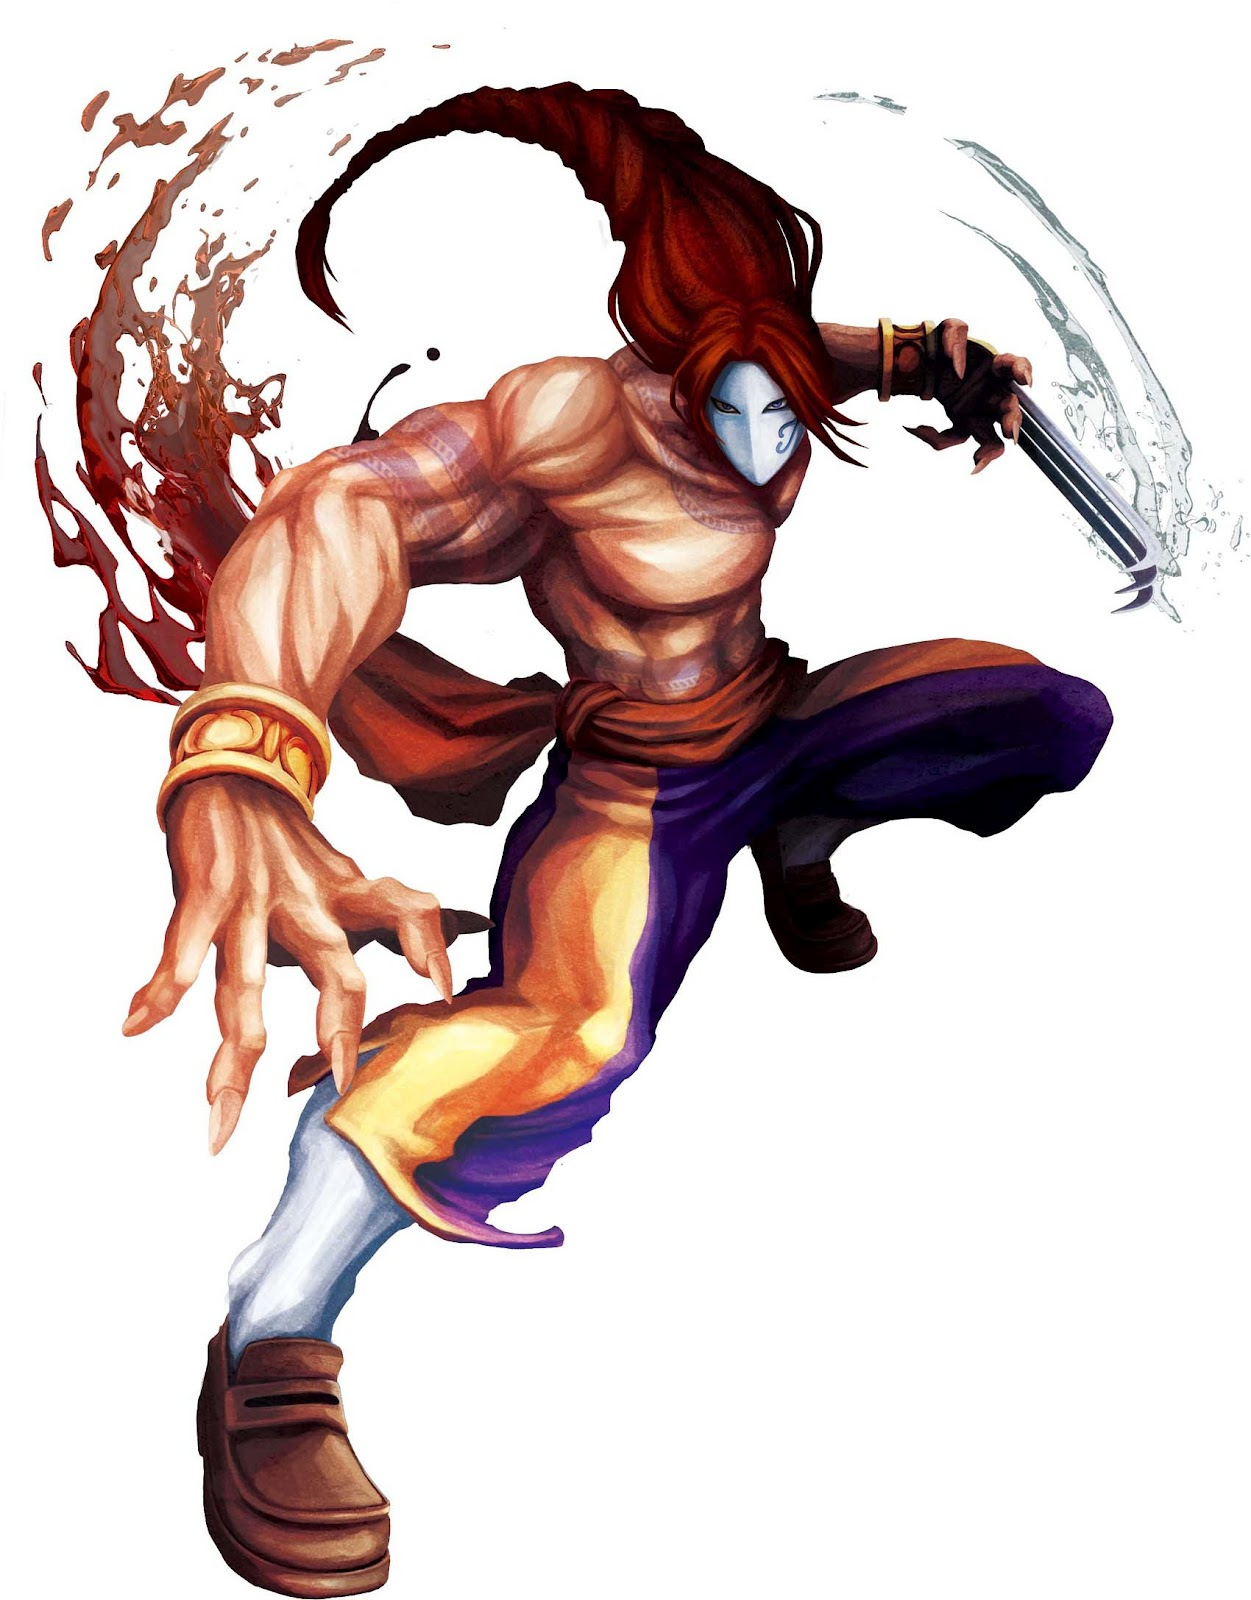 Street Fighter X Tekken Renders | Tekken Headquarter